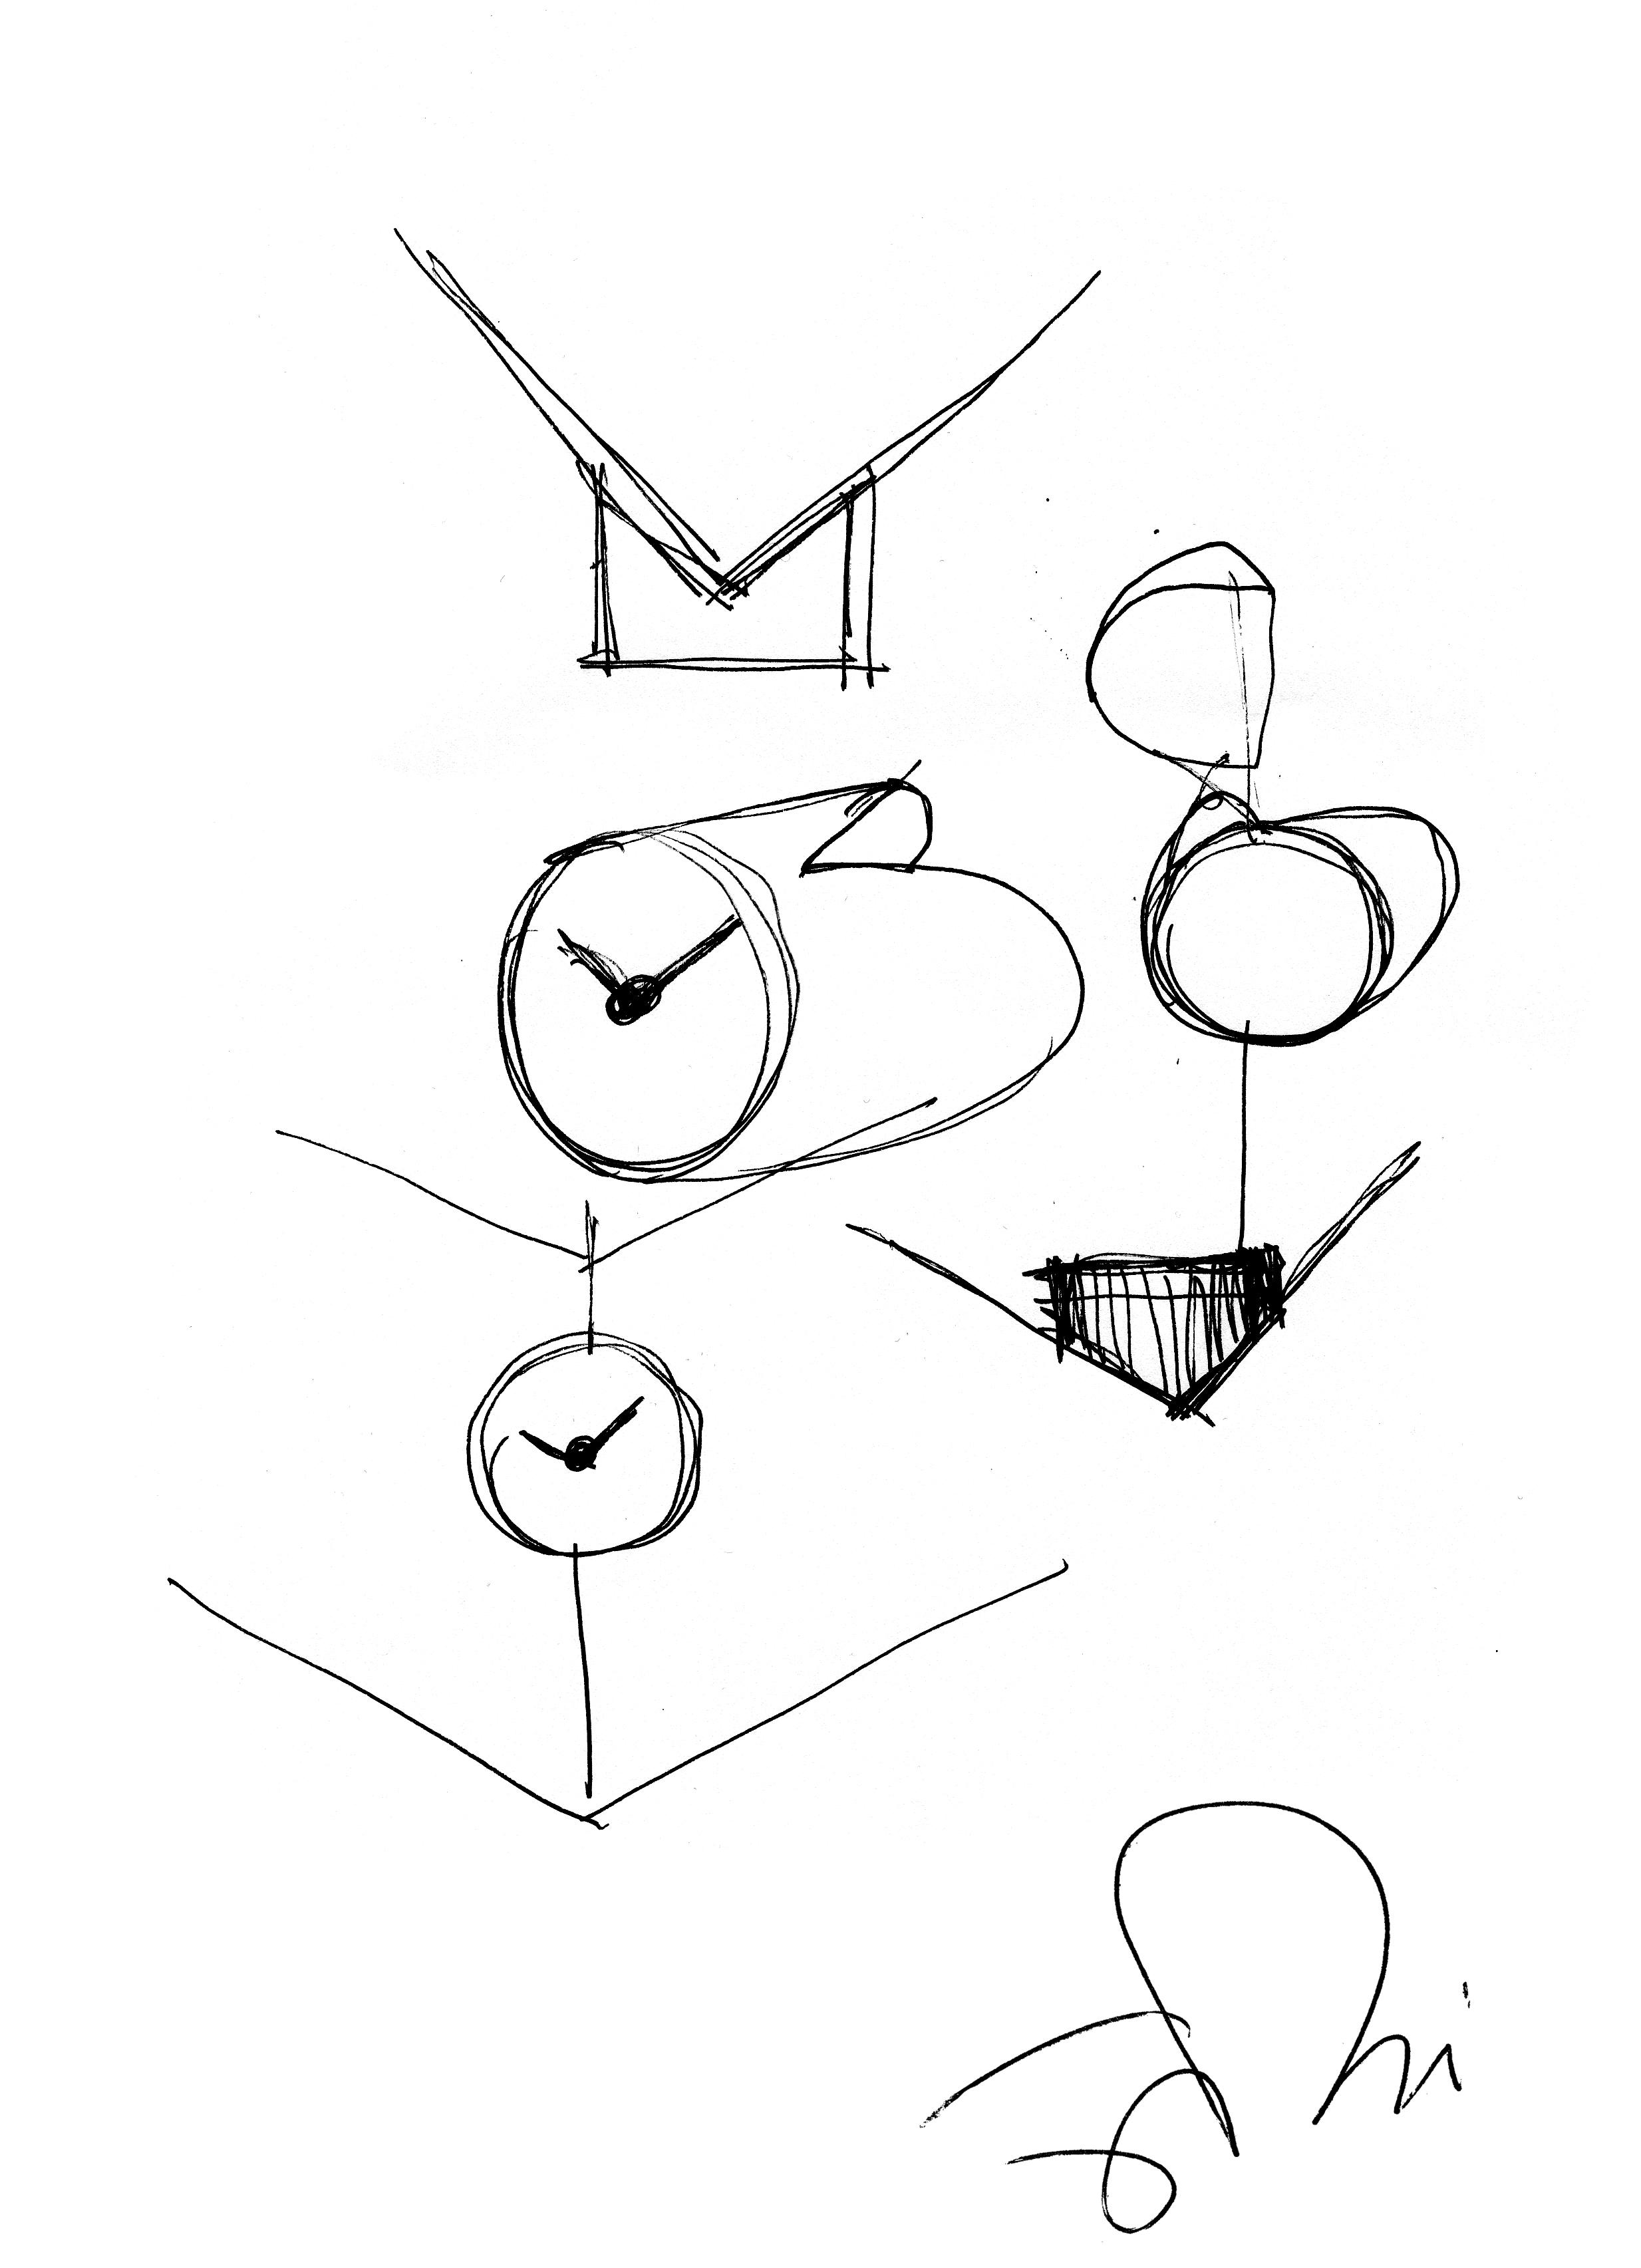 Disegno Iacchetti 2